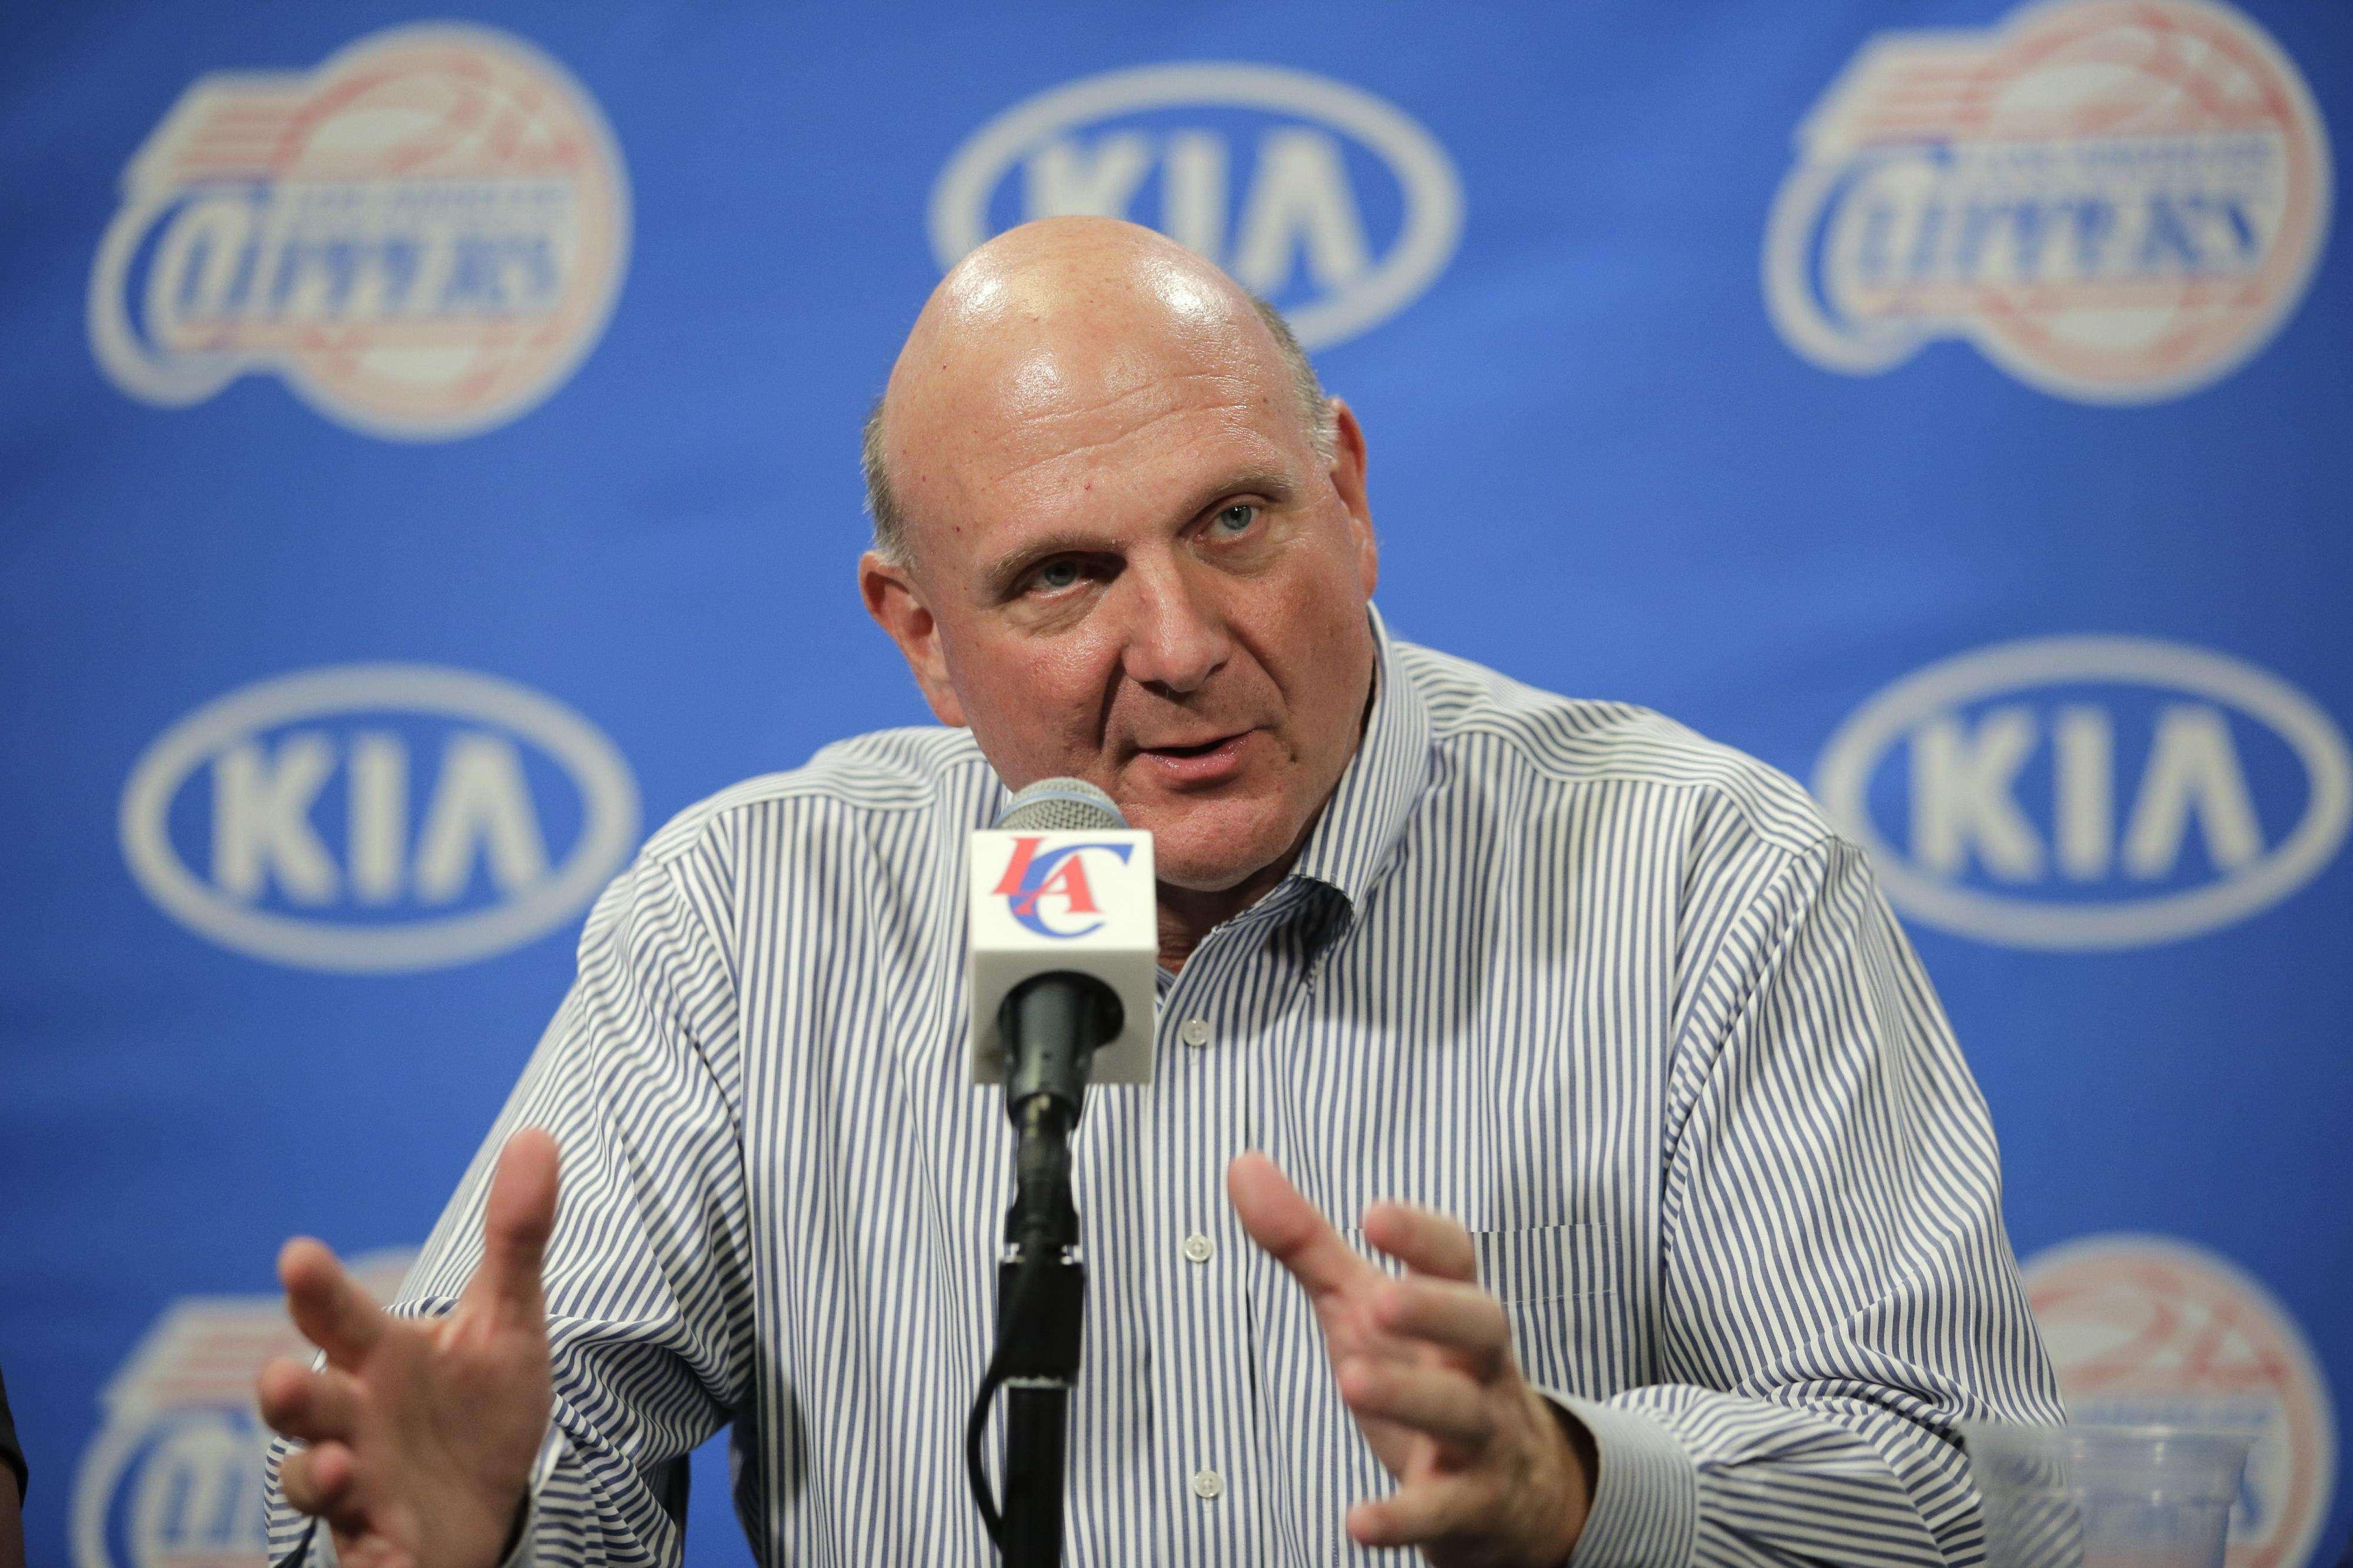 Ballmer cerró de forma oficial la compra de los Clippers por 2,000 millones de dólares. Foto: AP